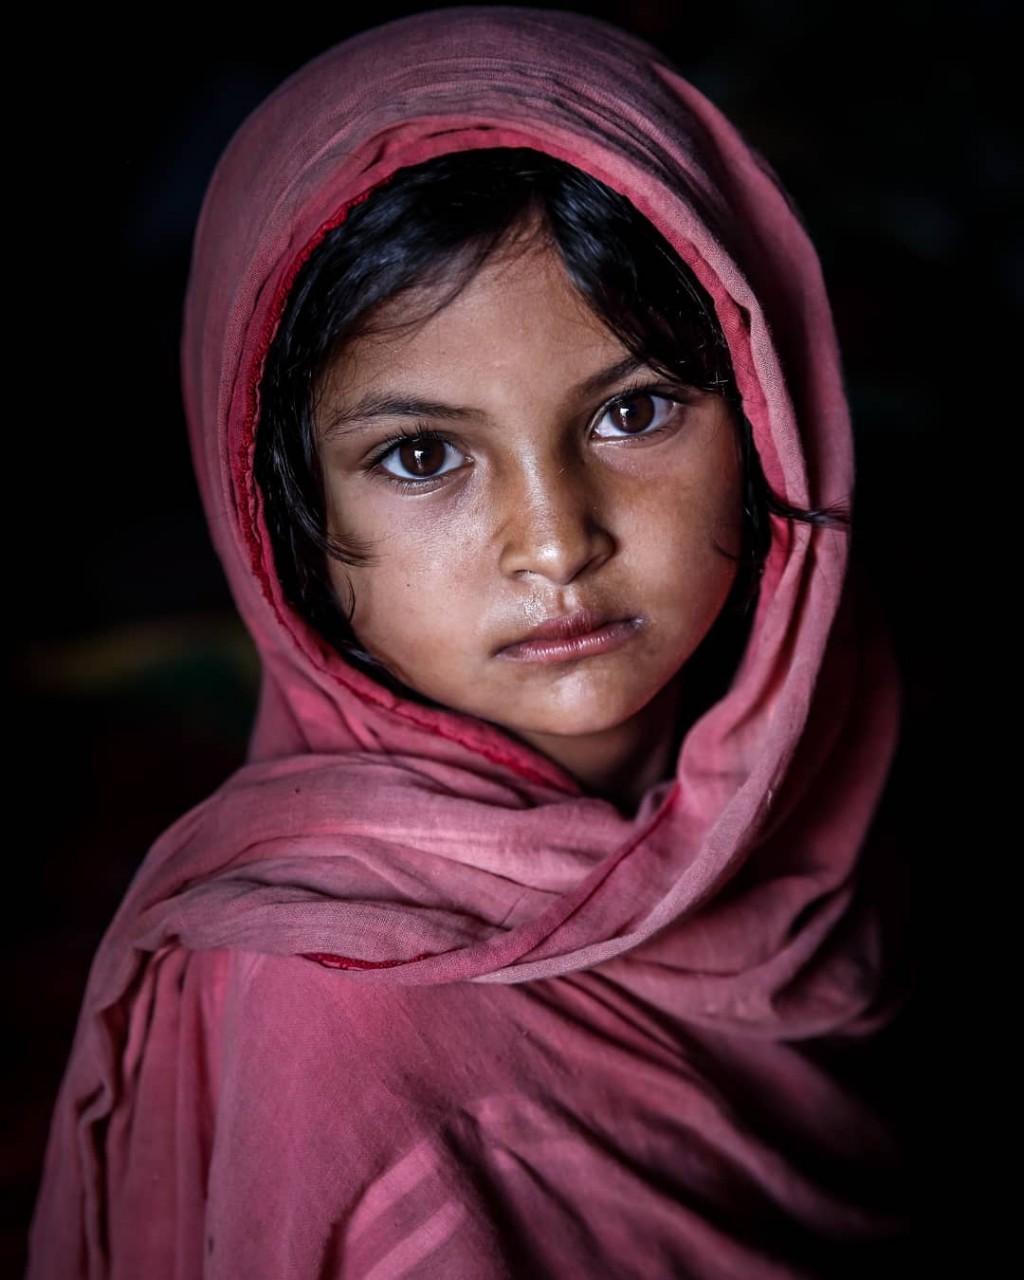 Выразительные детские портреты Моу Айши